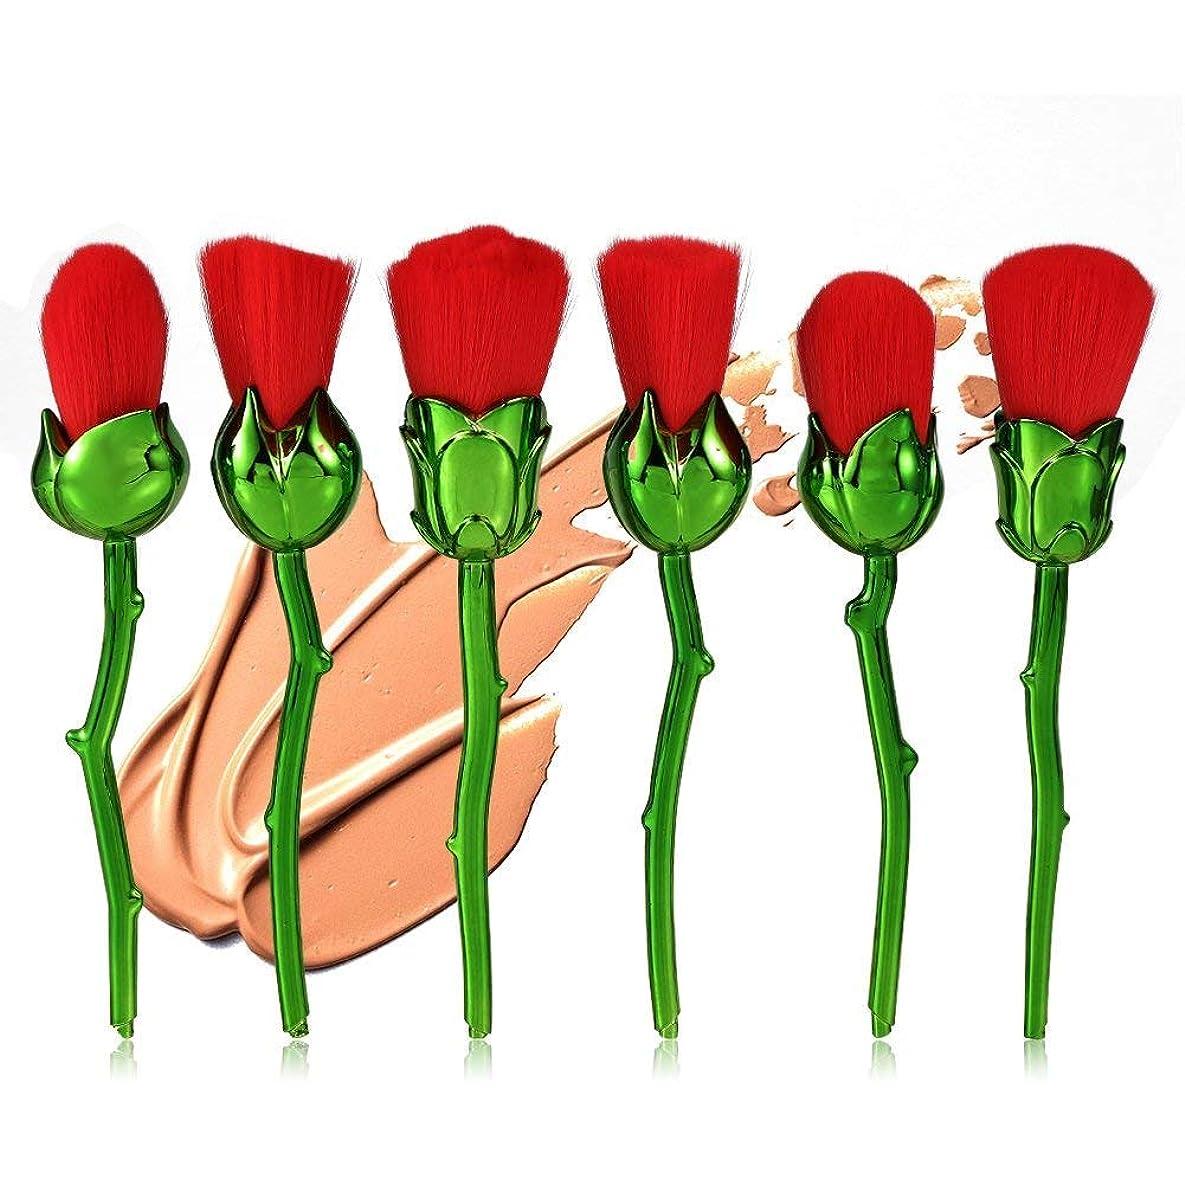 ノート早めるモデレータメイクブラシセット、6個の赤いローズ形状のファンデーションブラッシャーパウダーフェイス化粧道具